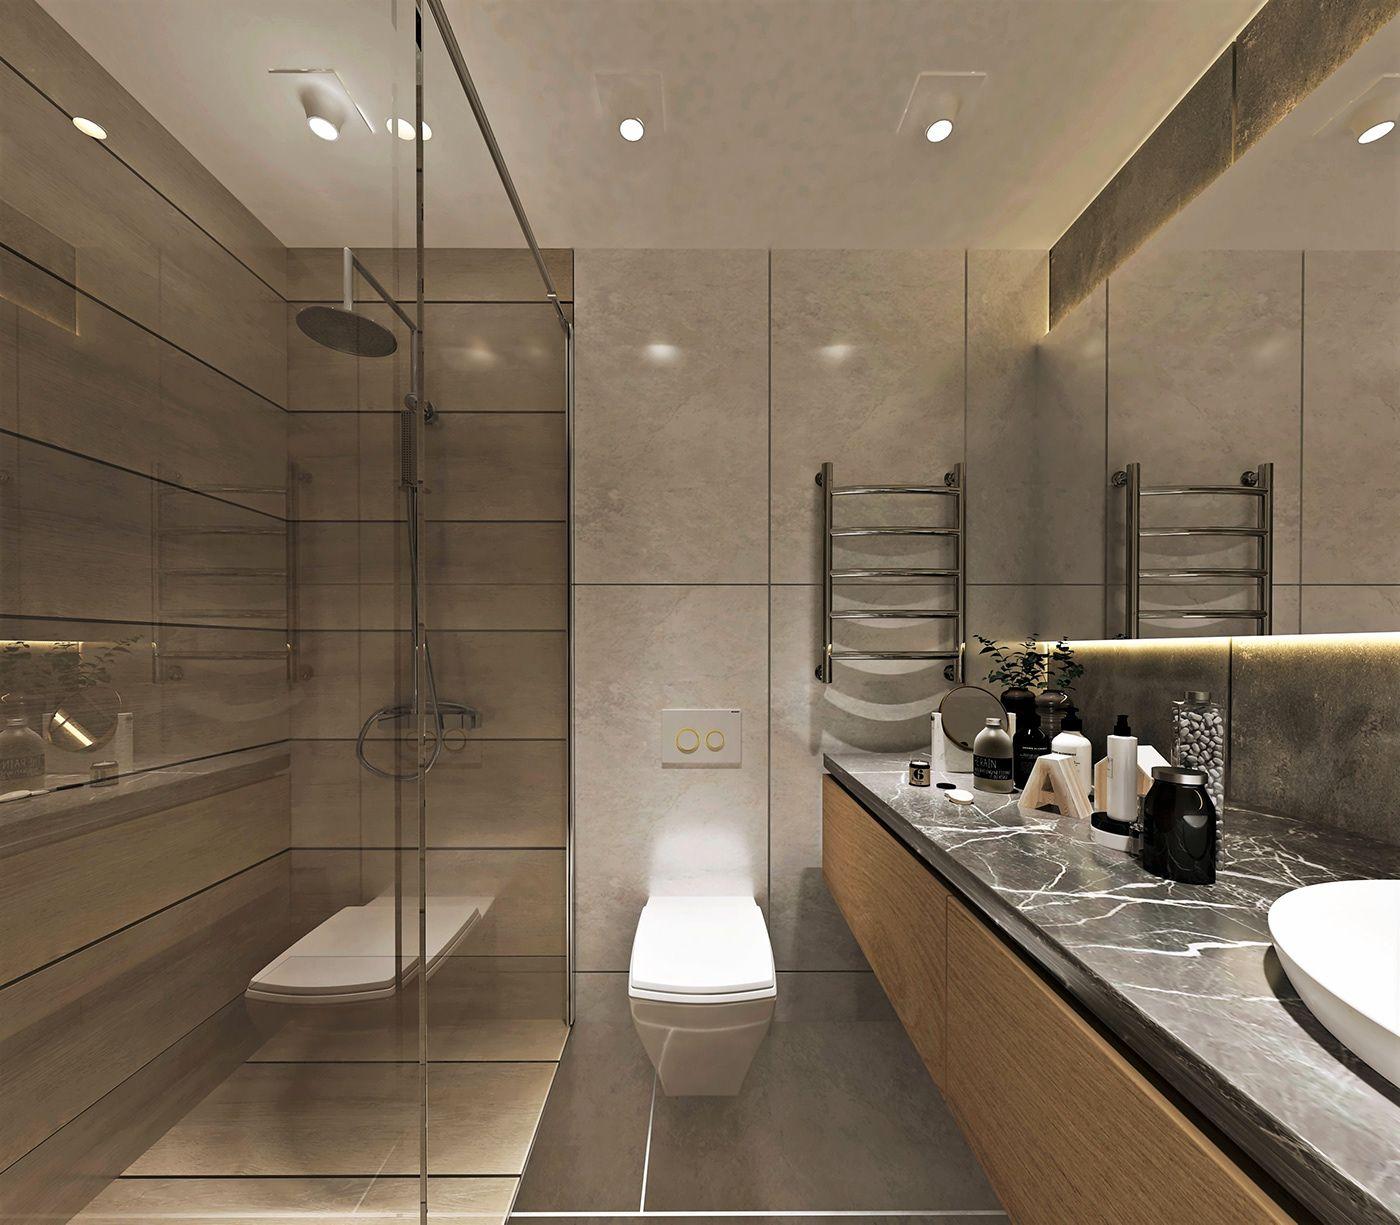 3d Models Bathroom Furniture 8 Free Download Bathroom Model Bathroom Furniture Bathroom